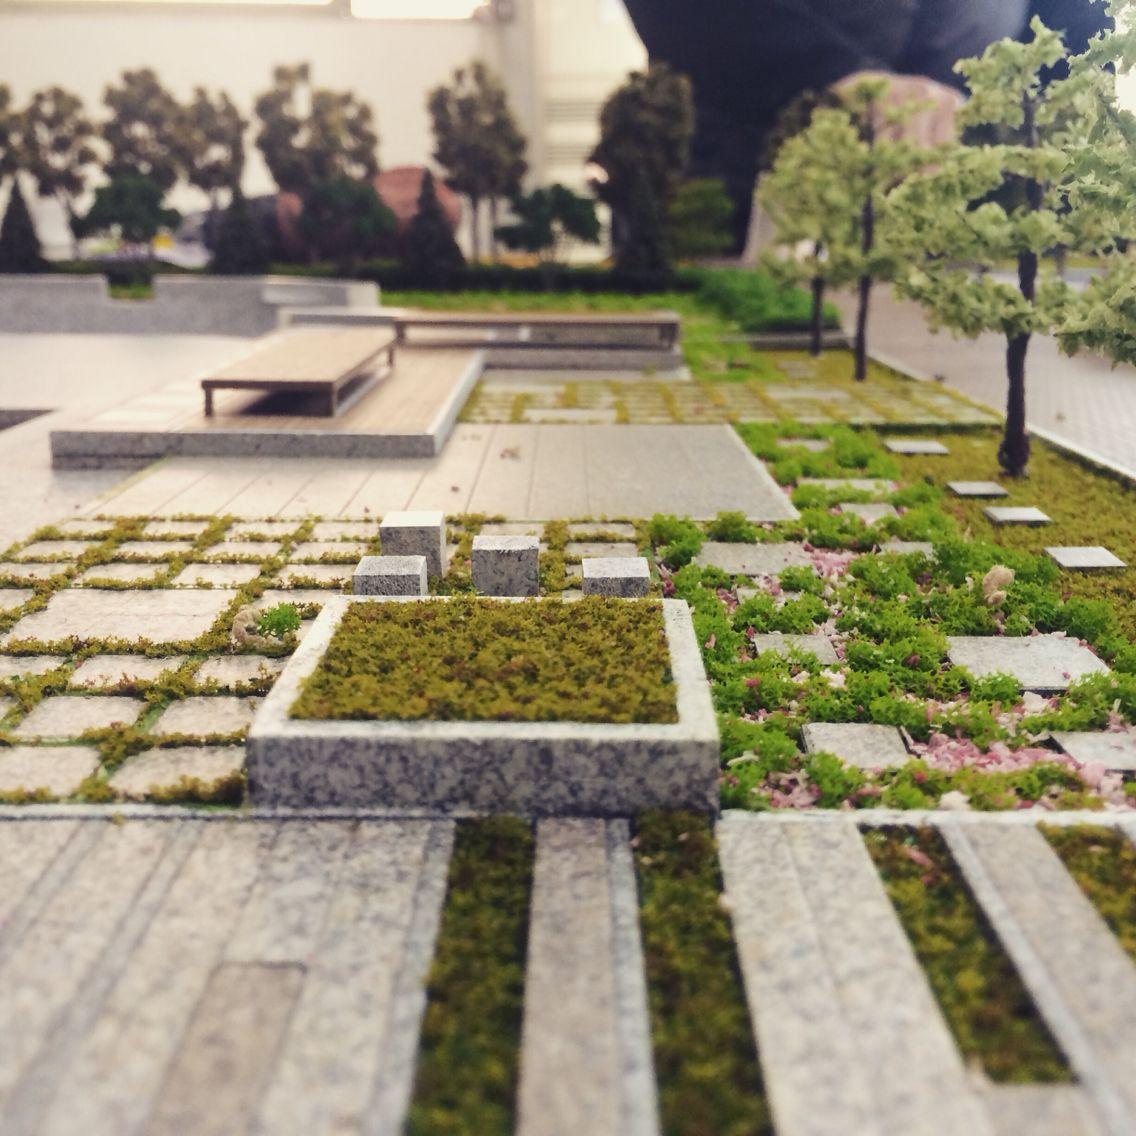 Pingl par florence villaverde sur landscape pinterest am nagement japonais moderne et - Salon de jardin villaverde ...